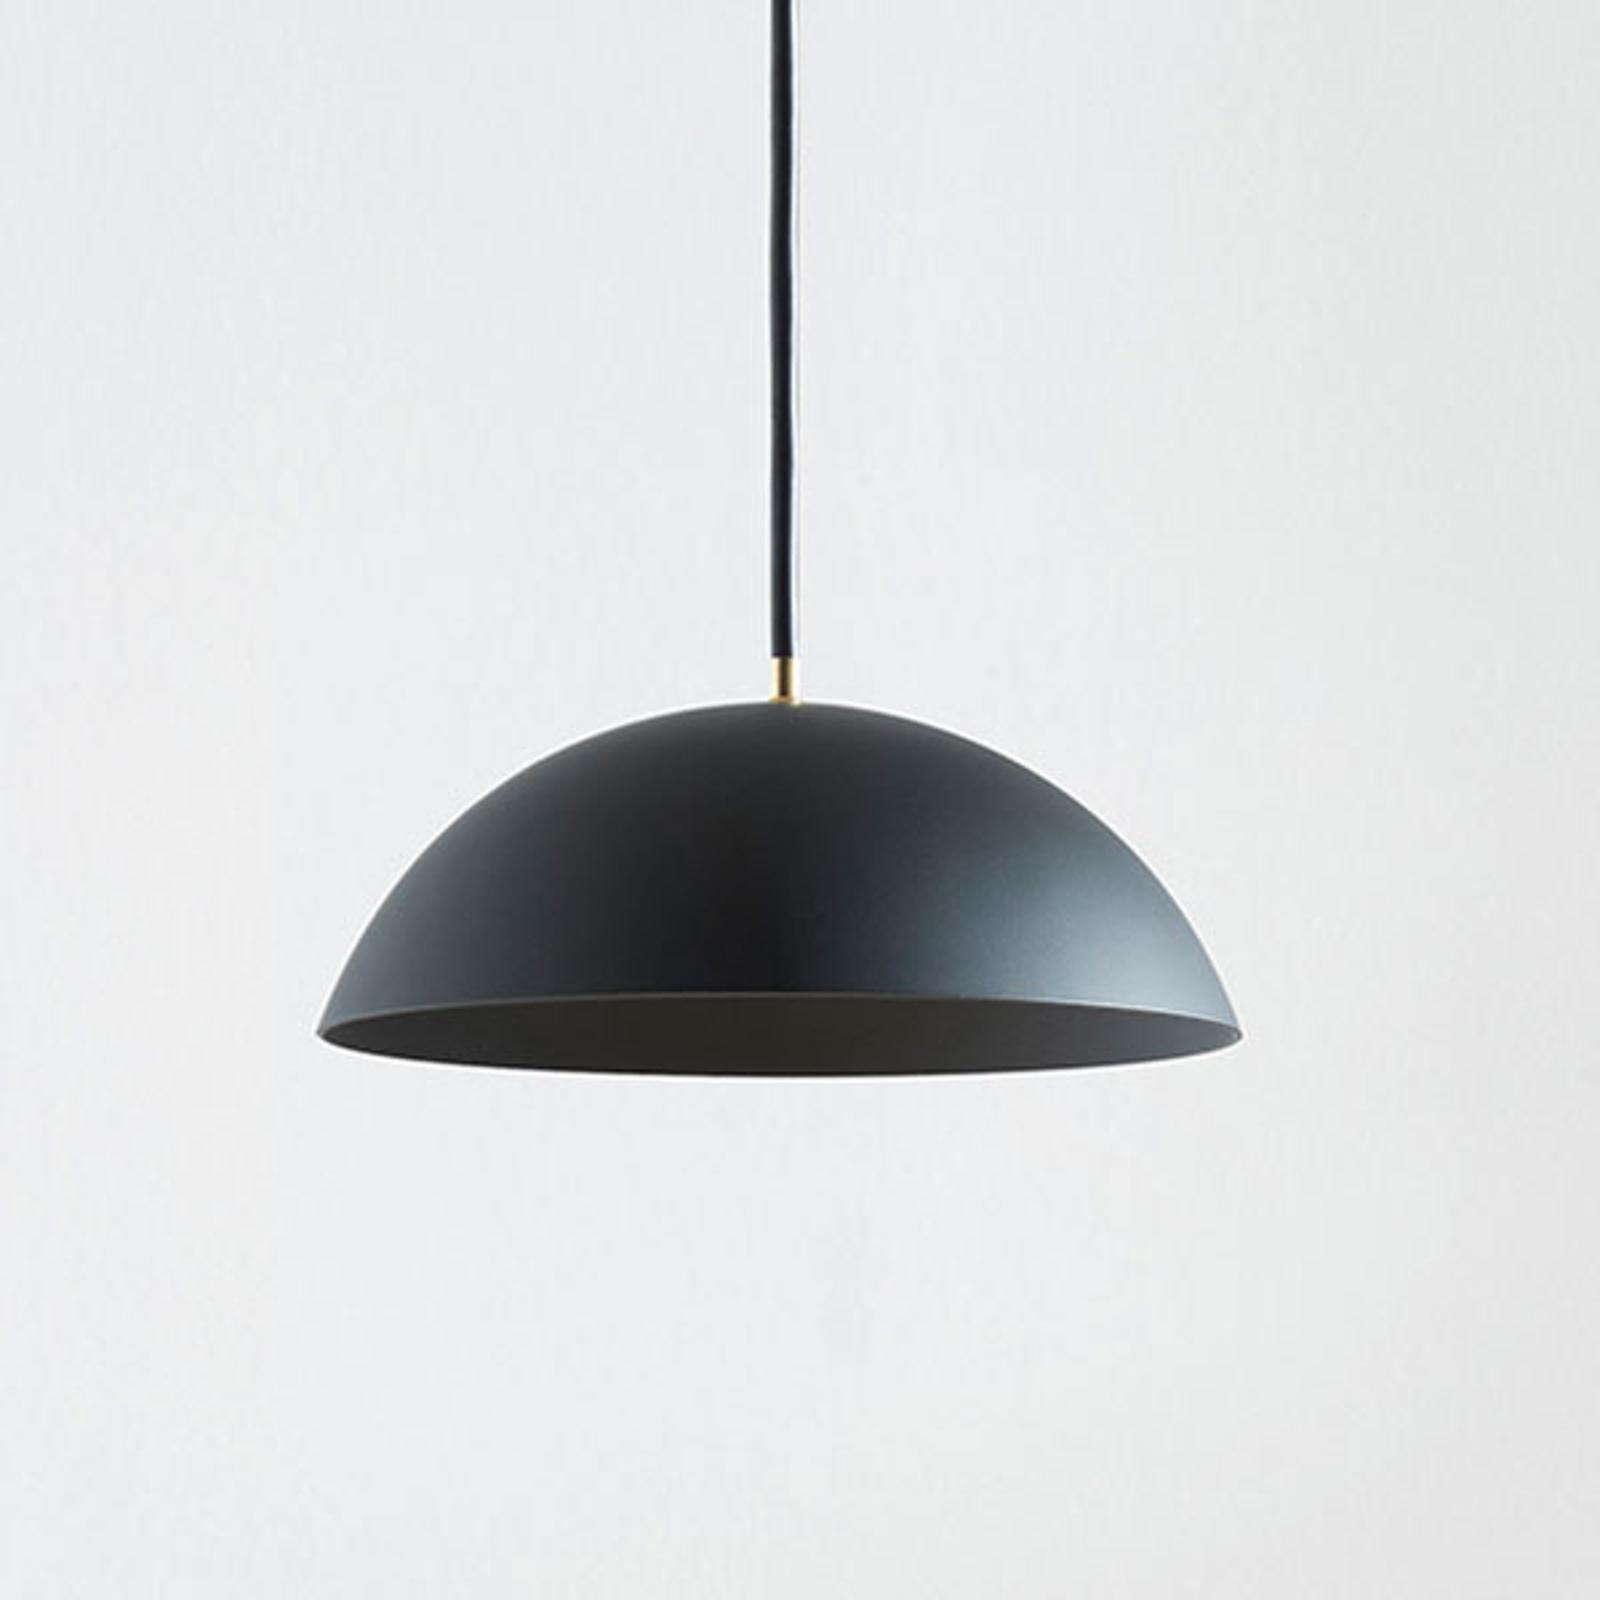 Nyta Pong Ceiling LED-Pendelleuchte, Kabellänge 3m